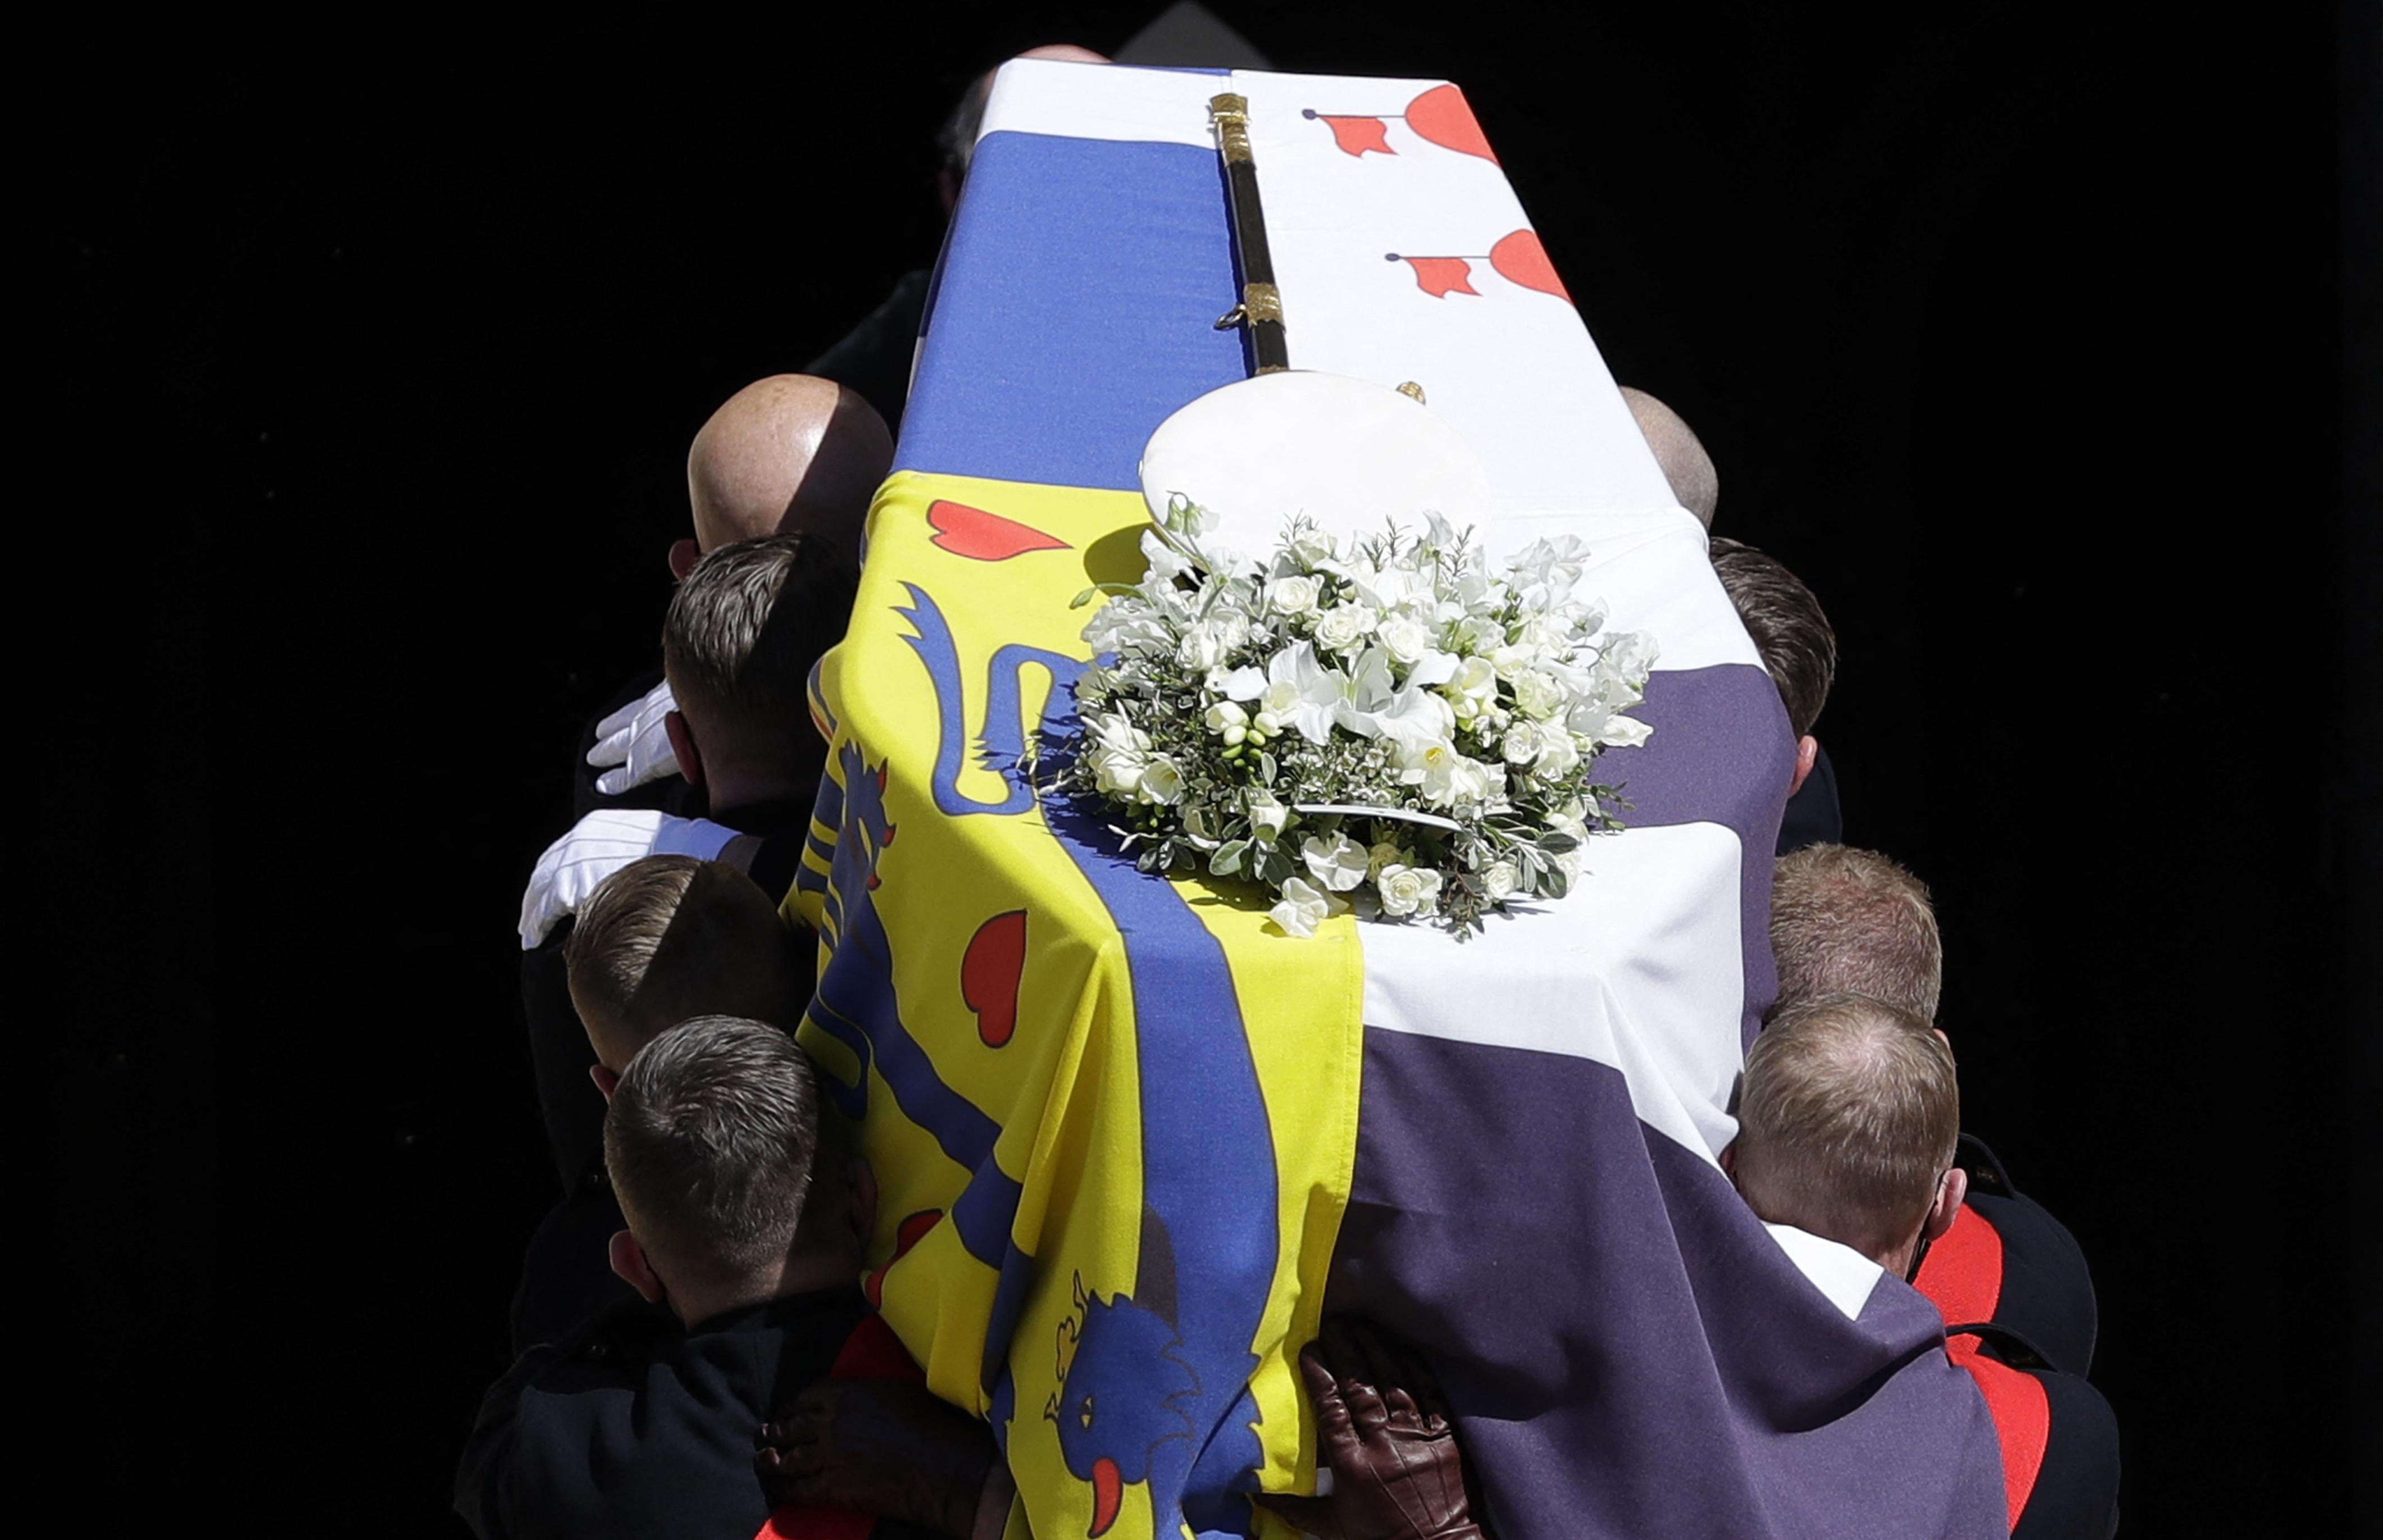 Eltemették Fülöp herceget